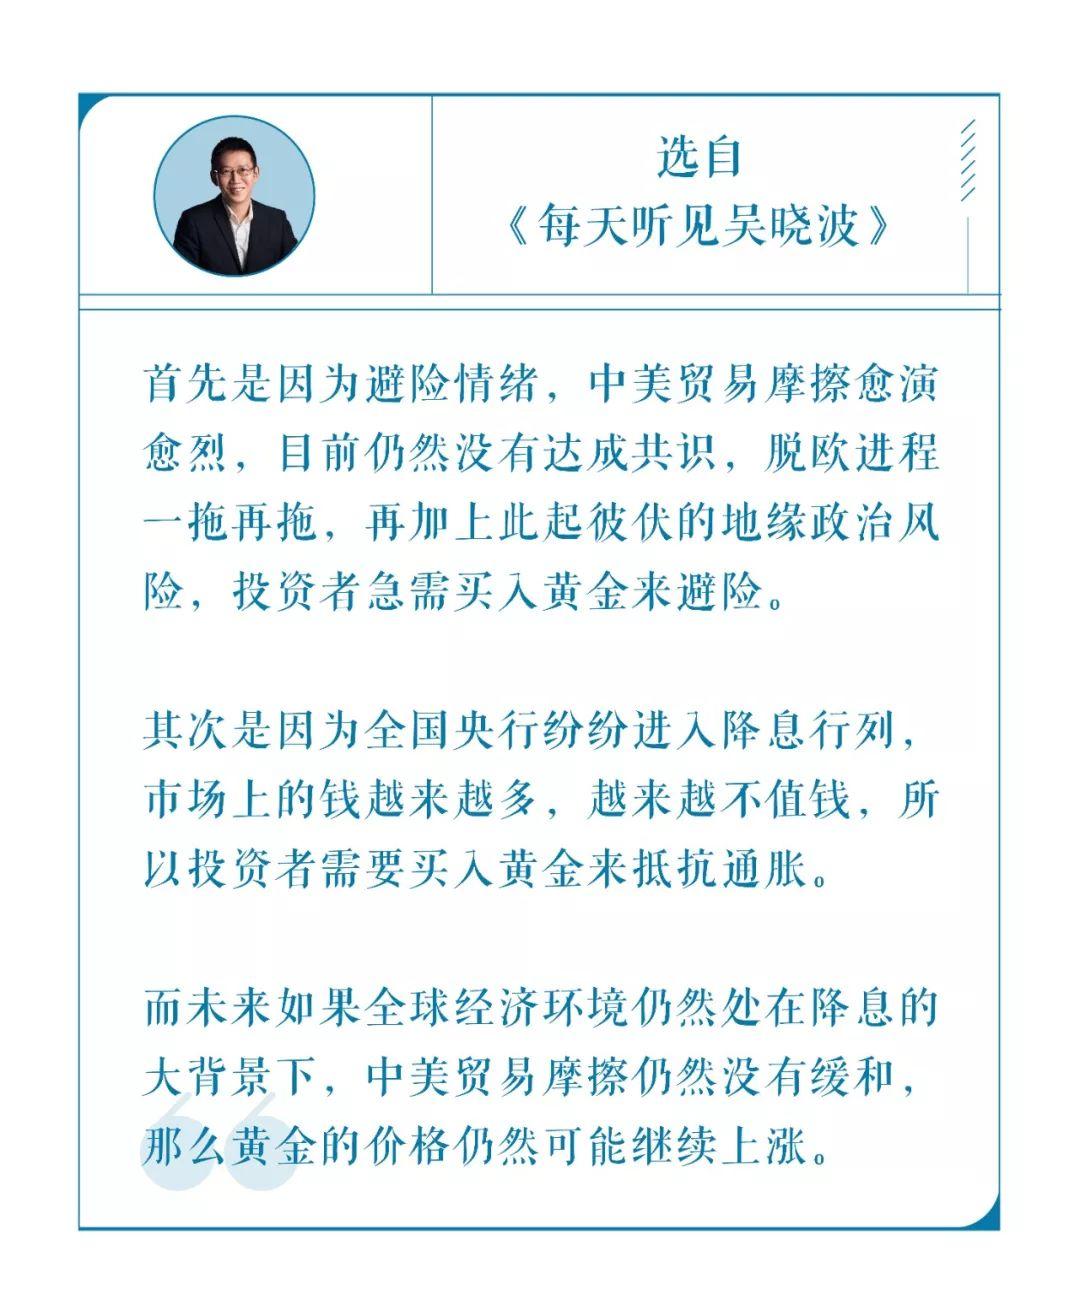 「日日博可靠吗」联想董事长柳传志提交书面辞呈;腾讯推出全新视频相亲交友产品